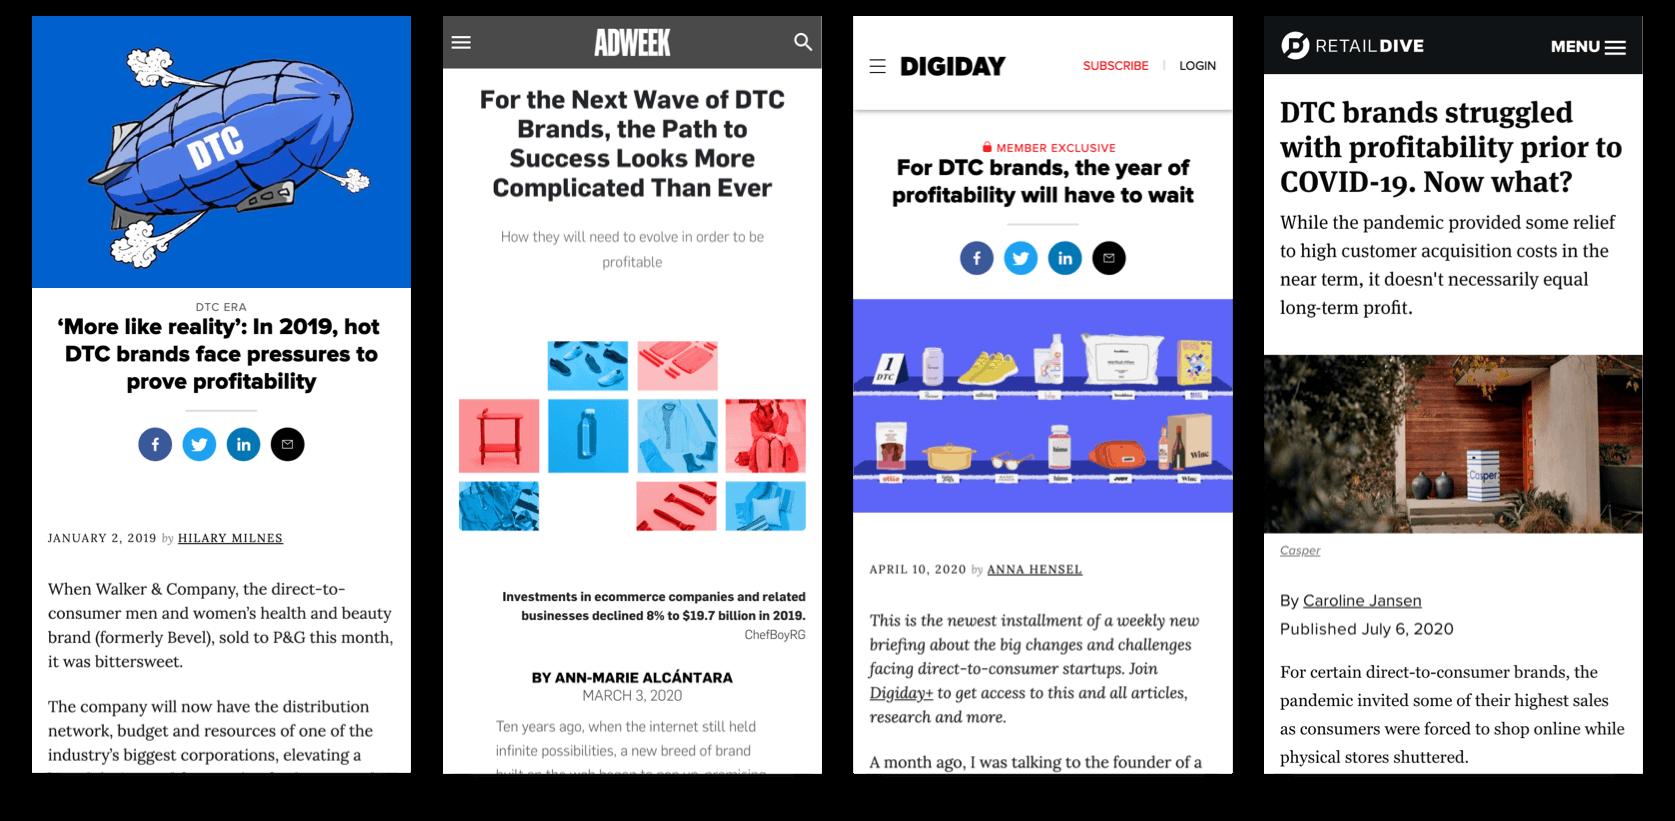 DTC Ecommerce Profitability Headline Examples